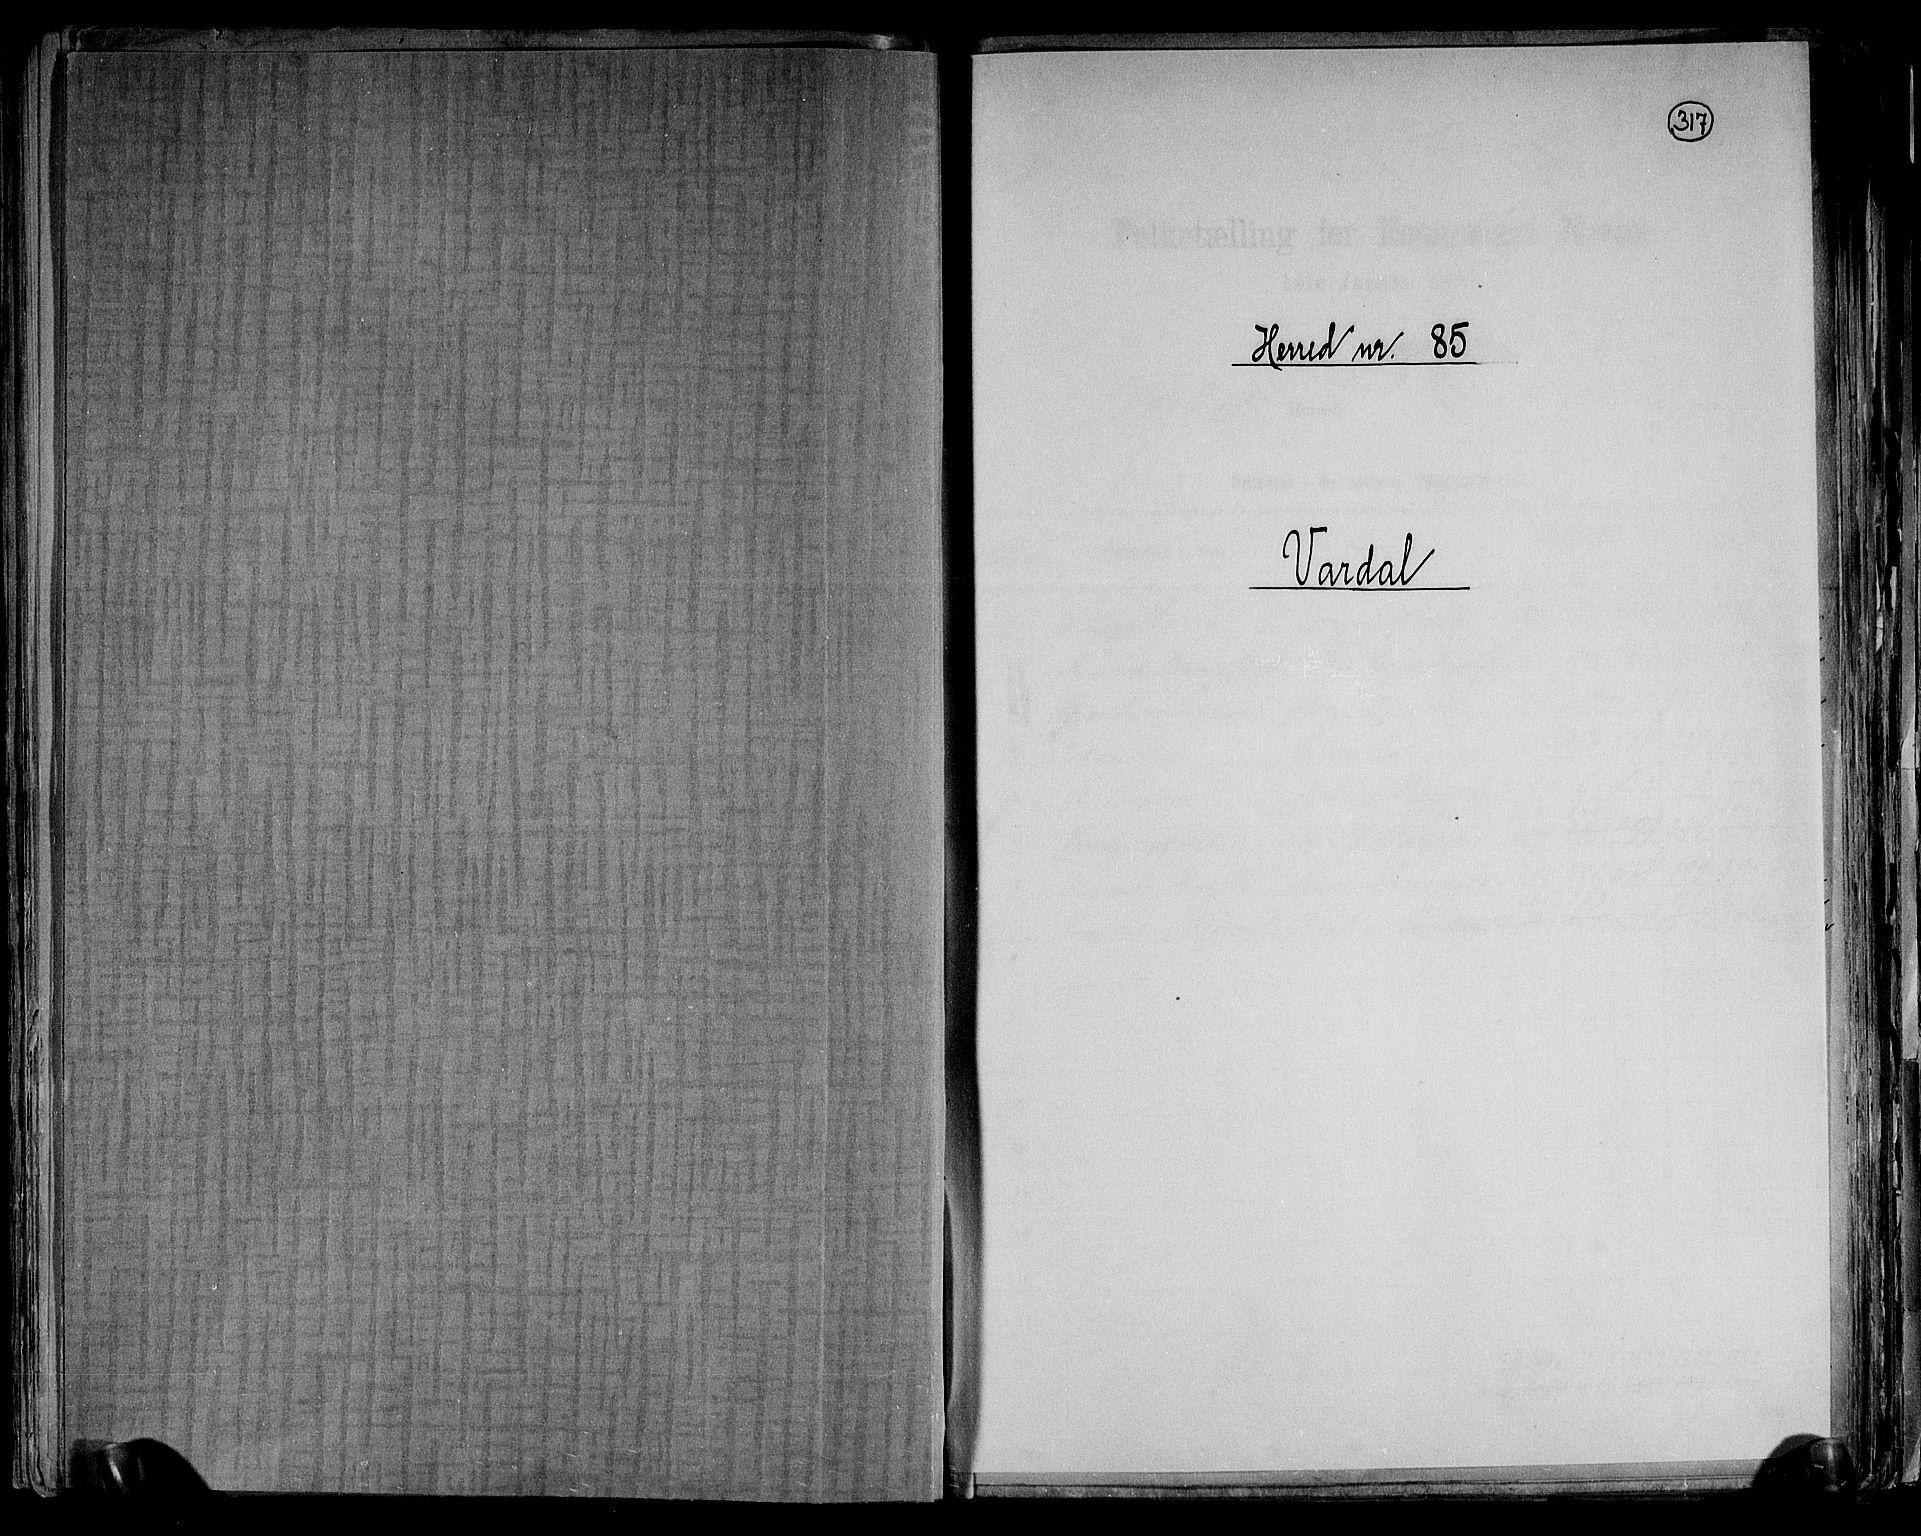 RA, Folketelling 1891 for 0527 Vardal herred, 1891, s. 1